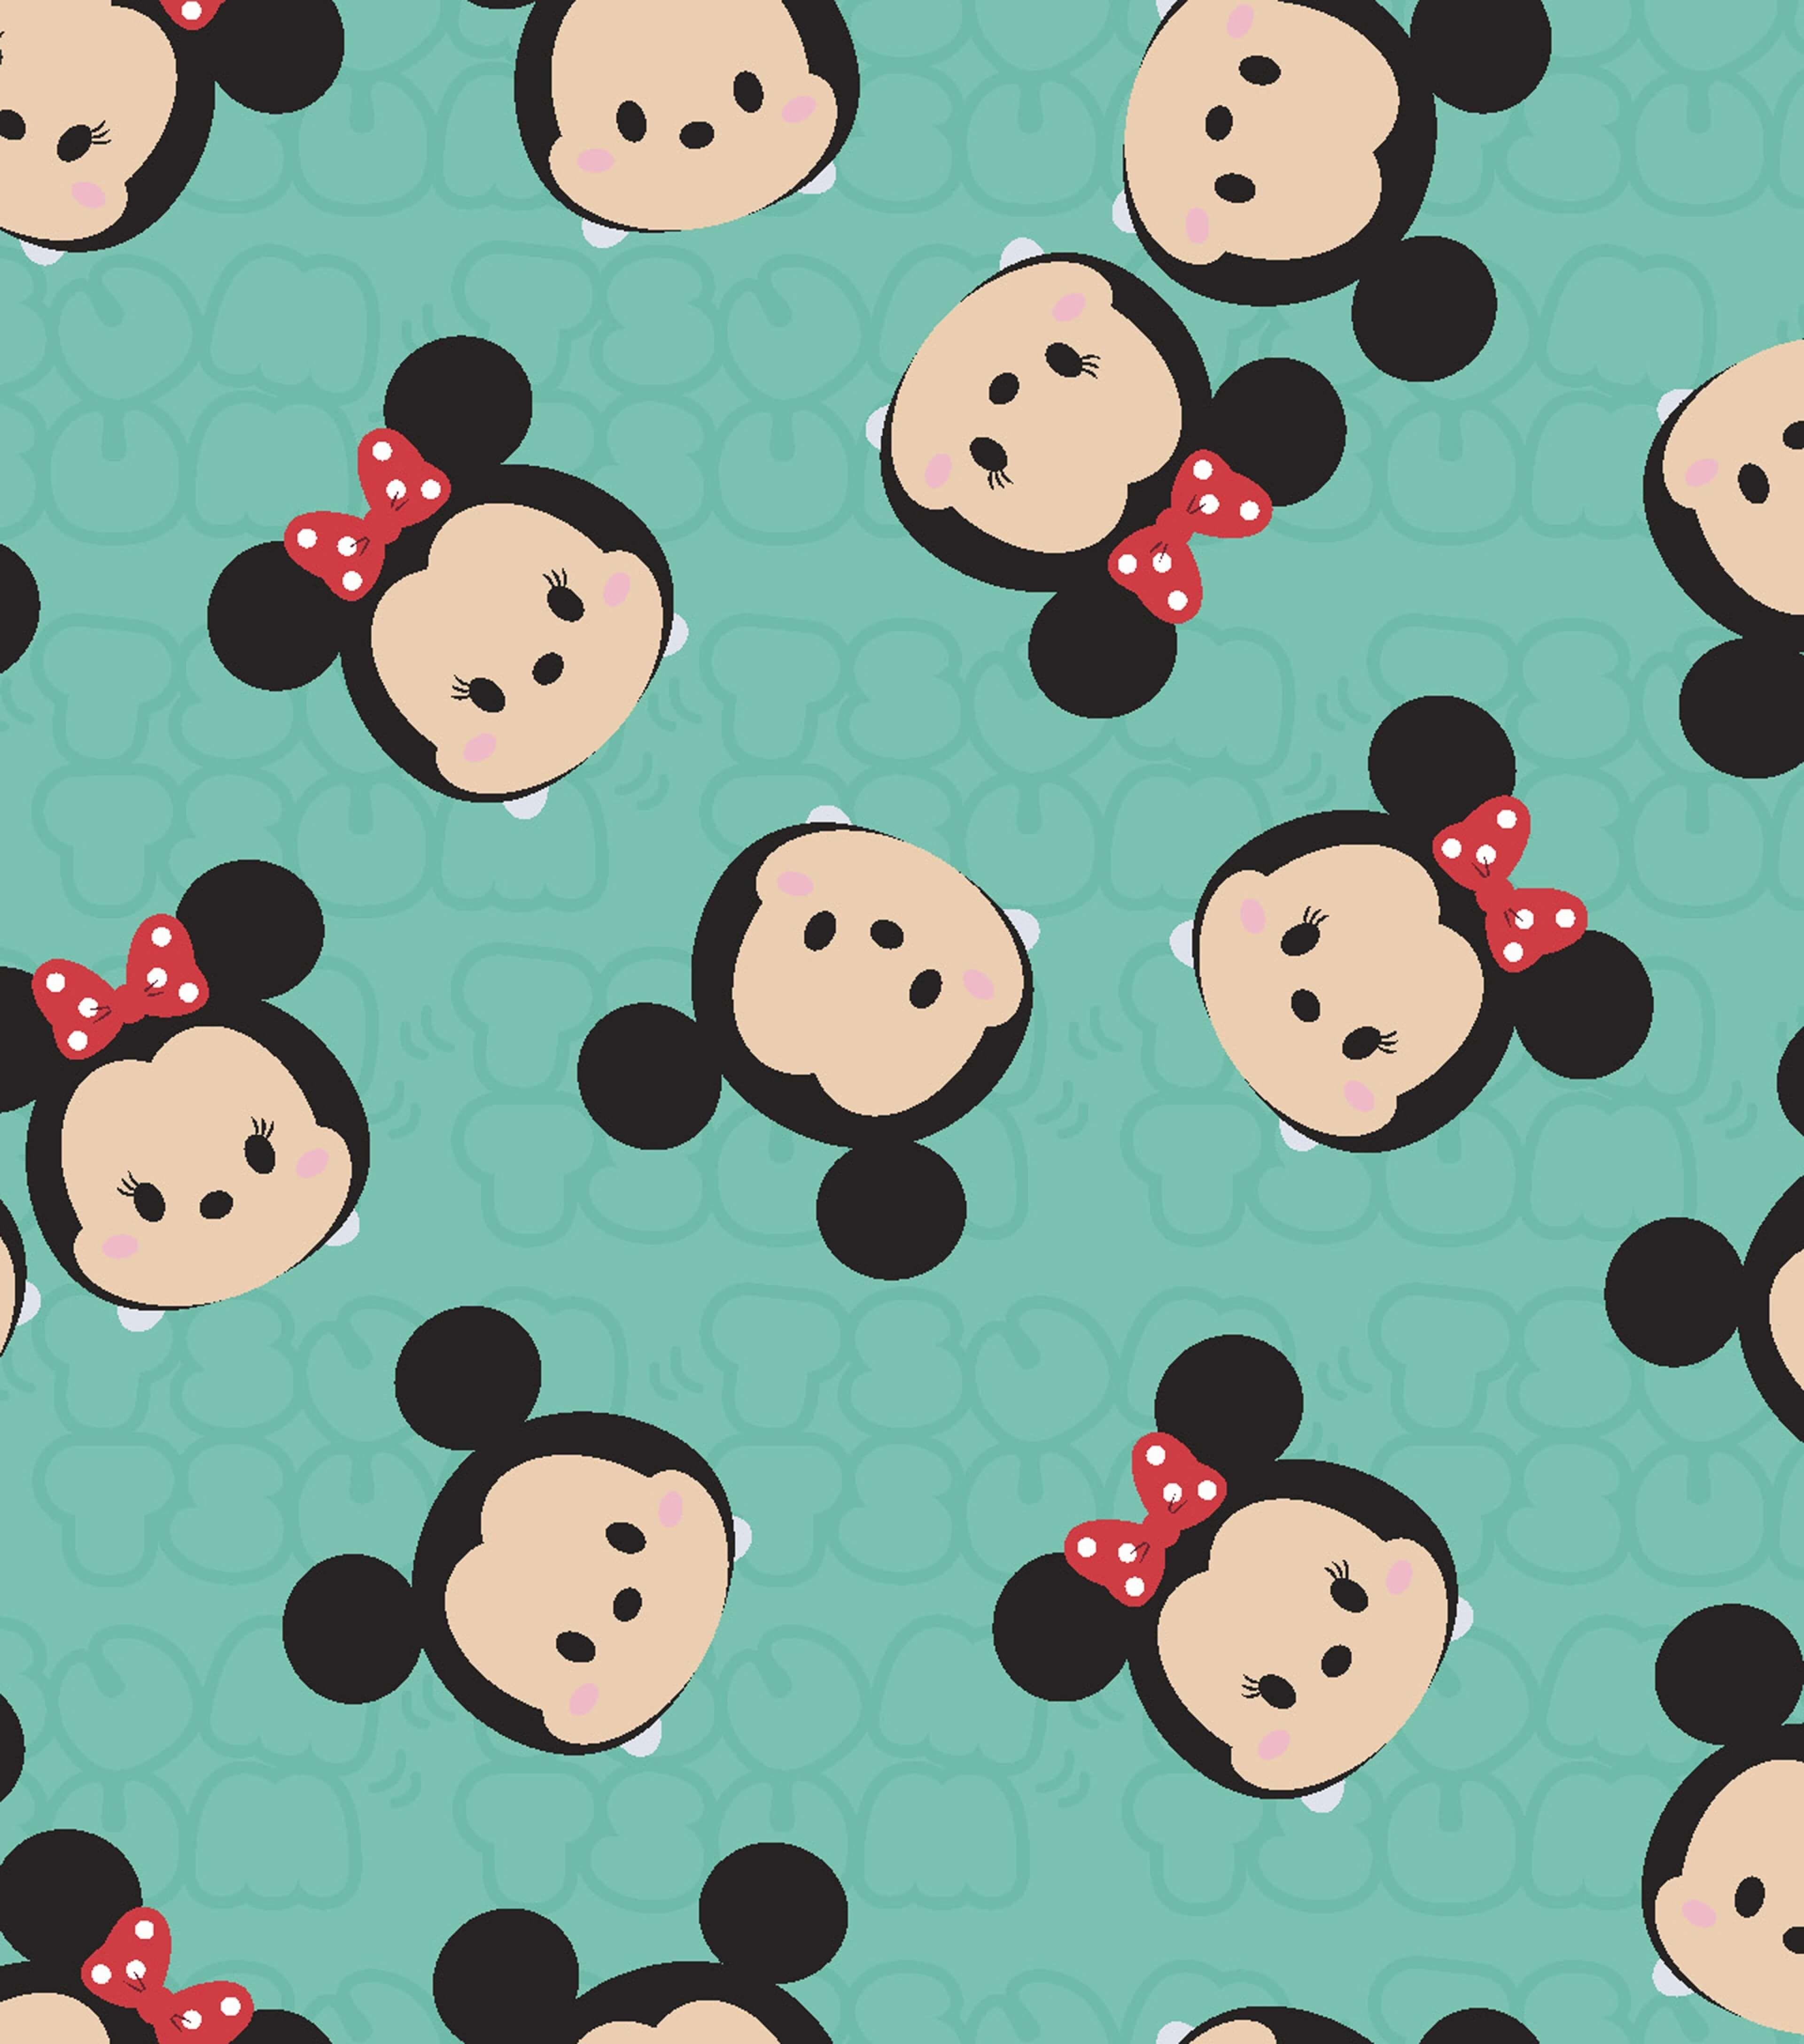 Https Www Wallpaperplex Com Best Tsum Tsum Wallpaper 4k Hd Free Tsum Tsum Wallpaper For Desktop 4k Hd 2 Wallpaper Lucu Disney Lucu Disney